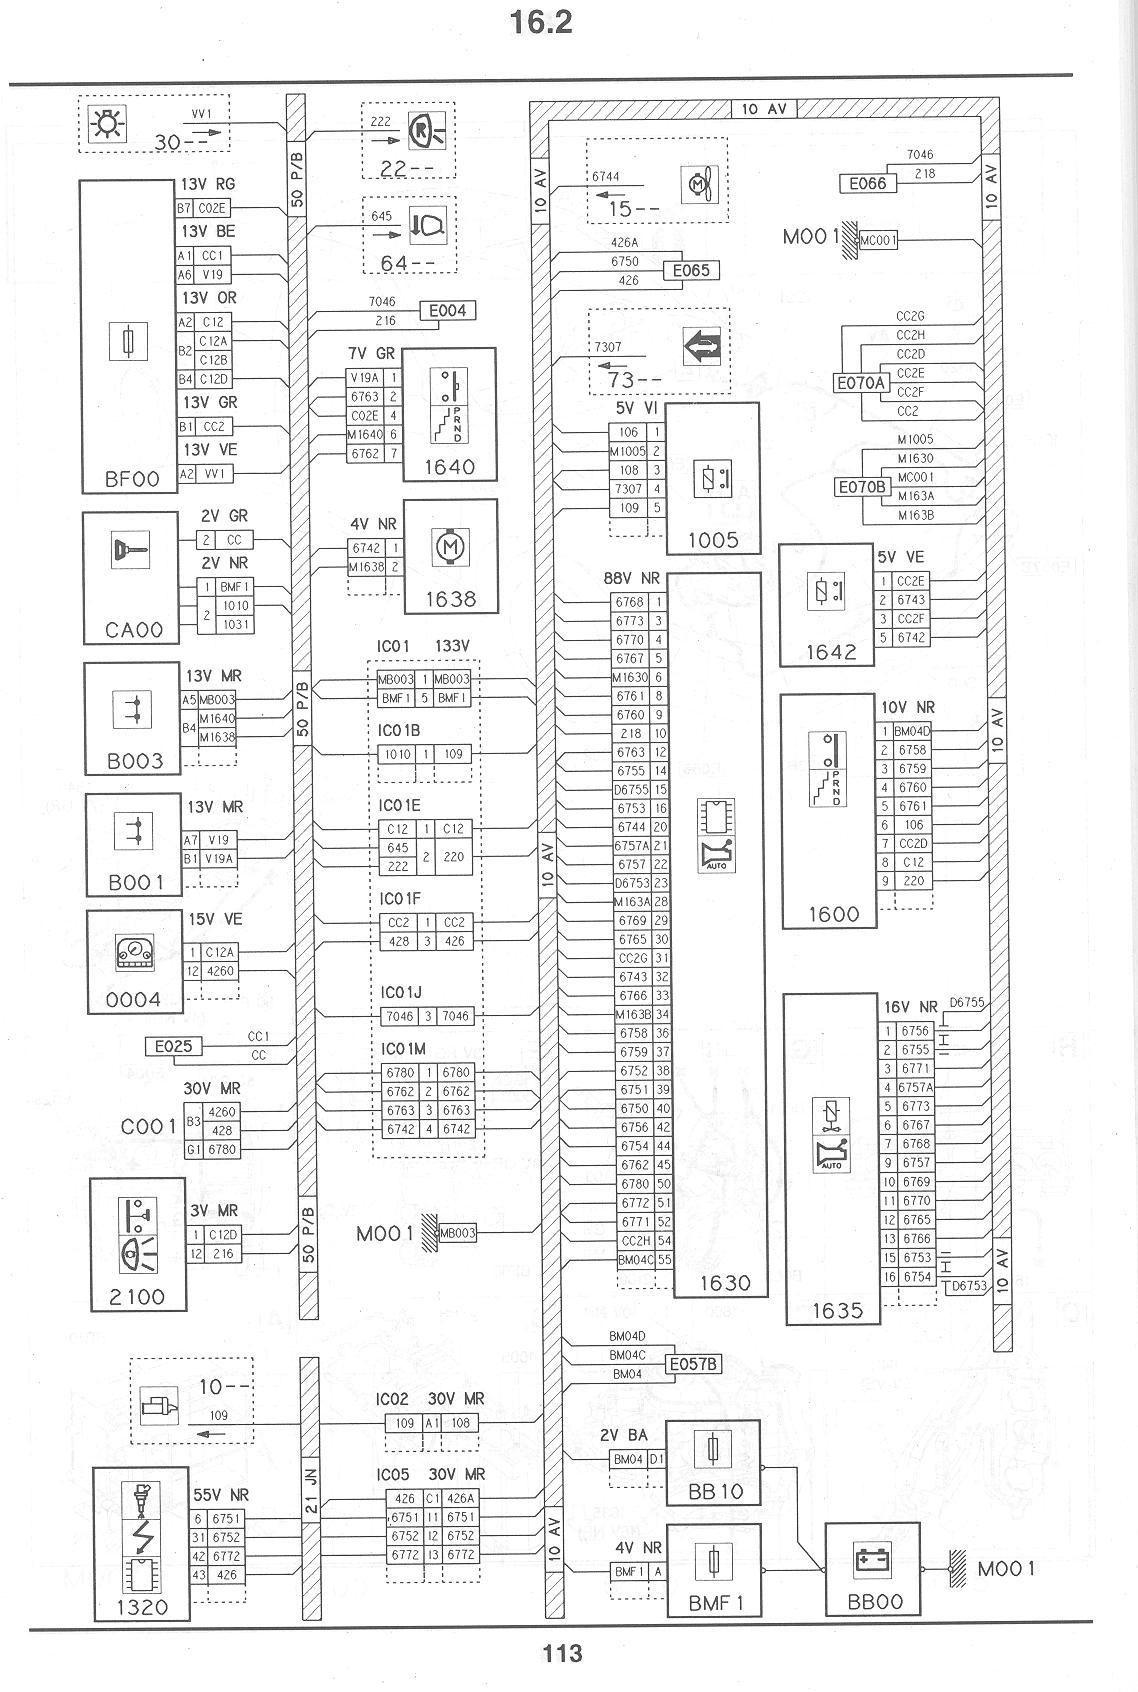 renault kangoo wiring diagram download with schematic diagramsrenault kangoo wiring diagram download with schematic diagrams throughout [ 1138 x 1692 Pixel ]